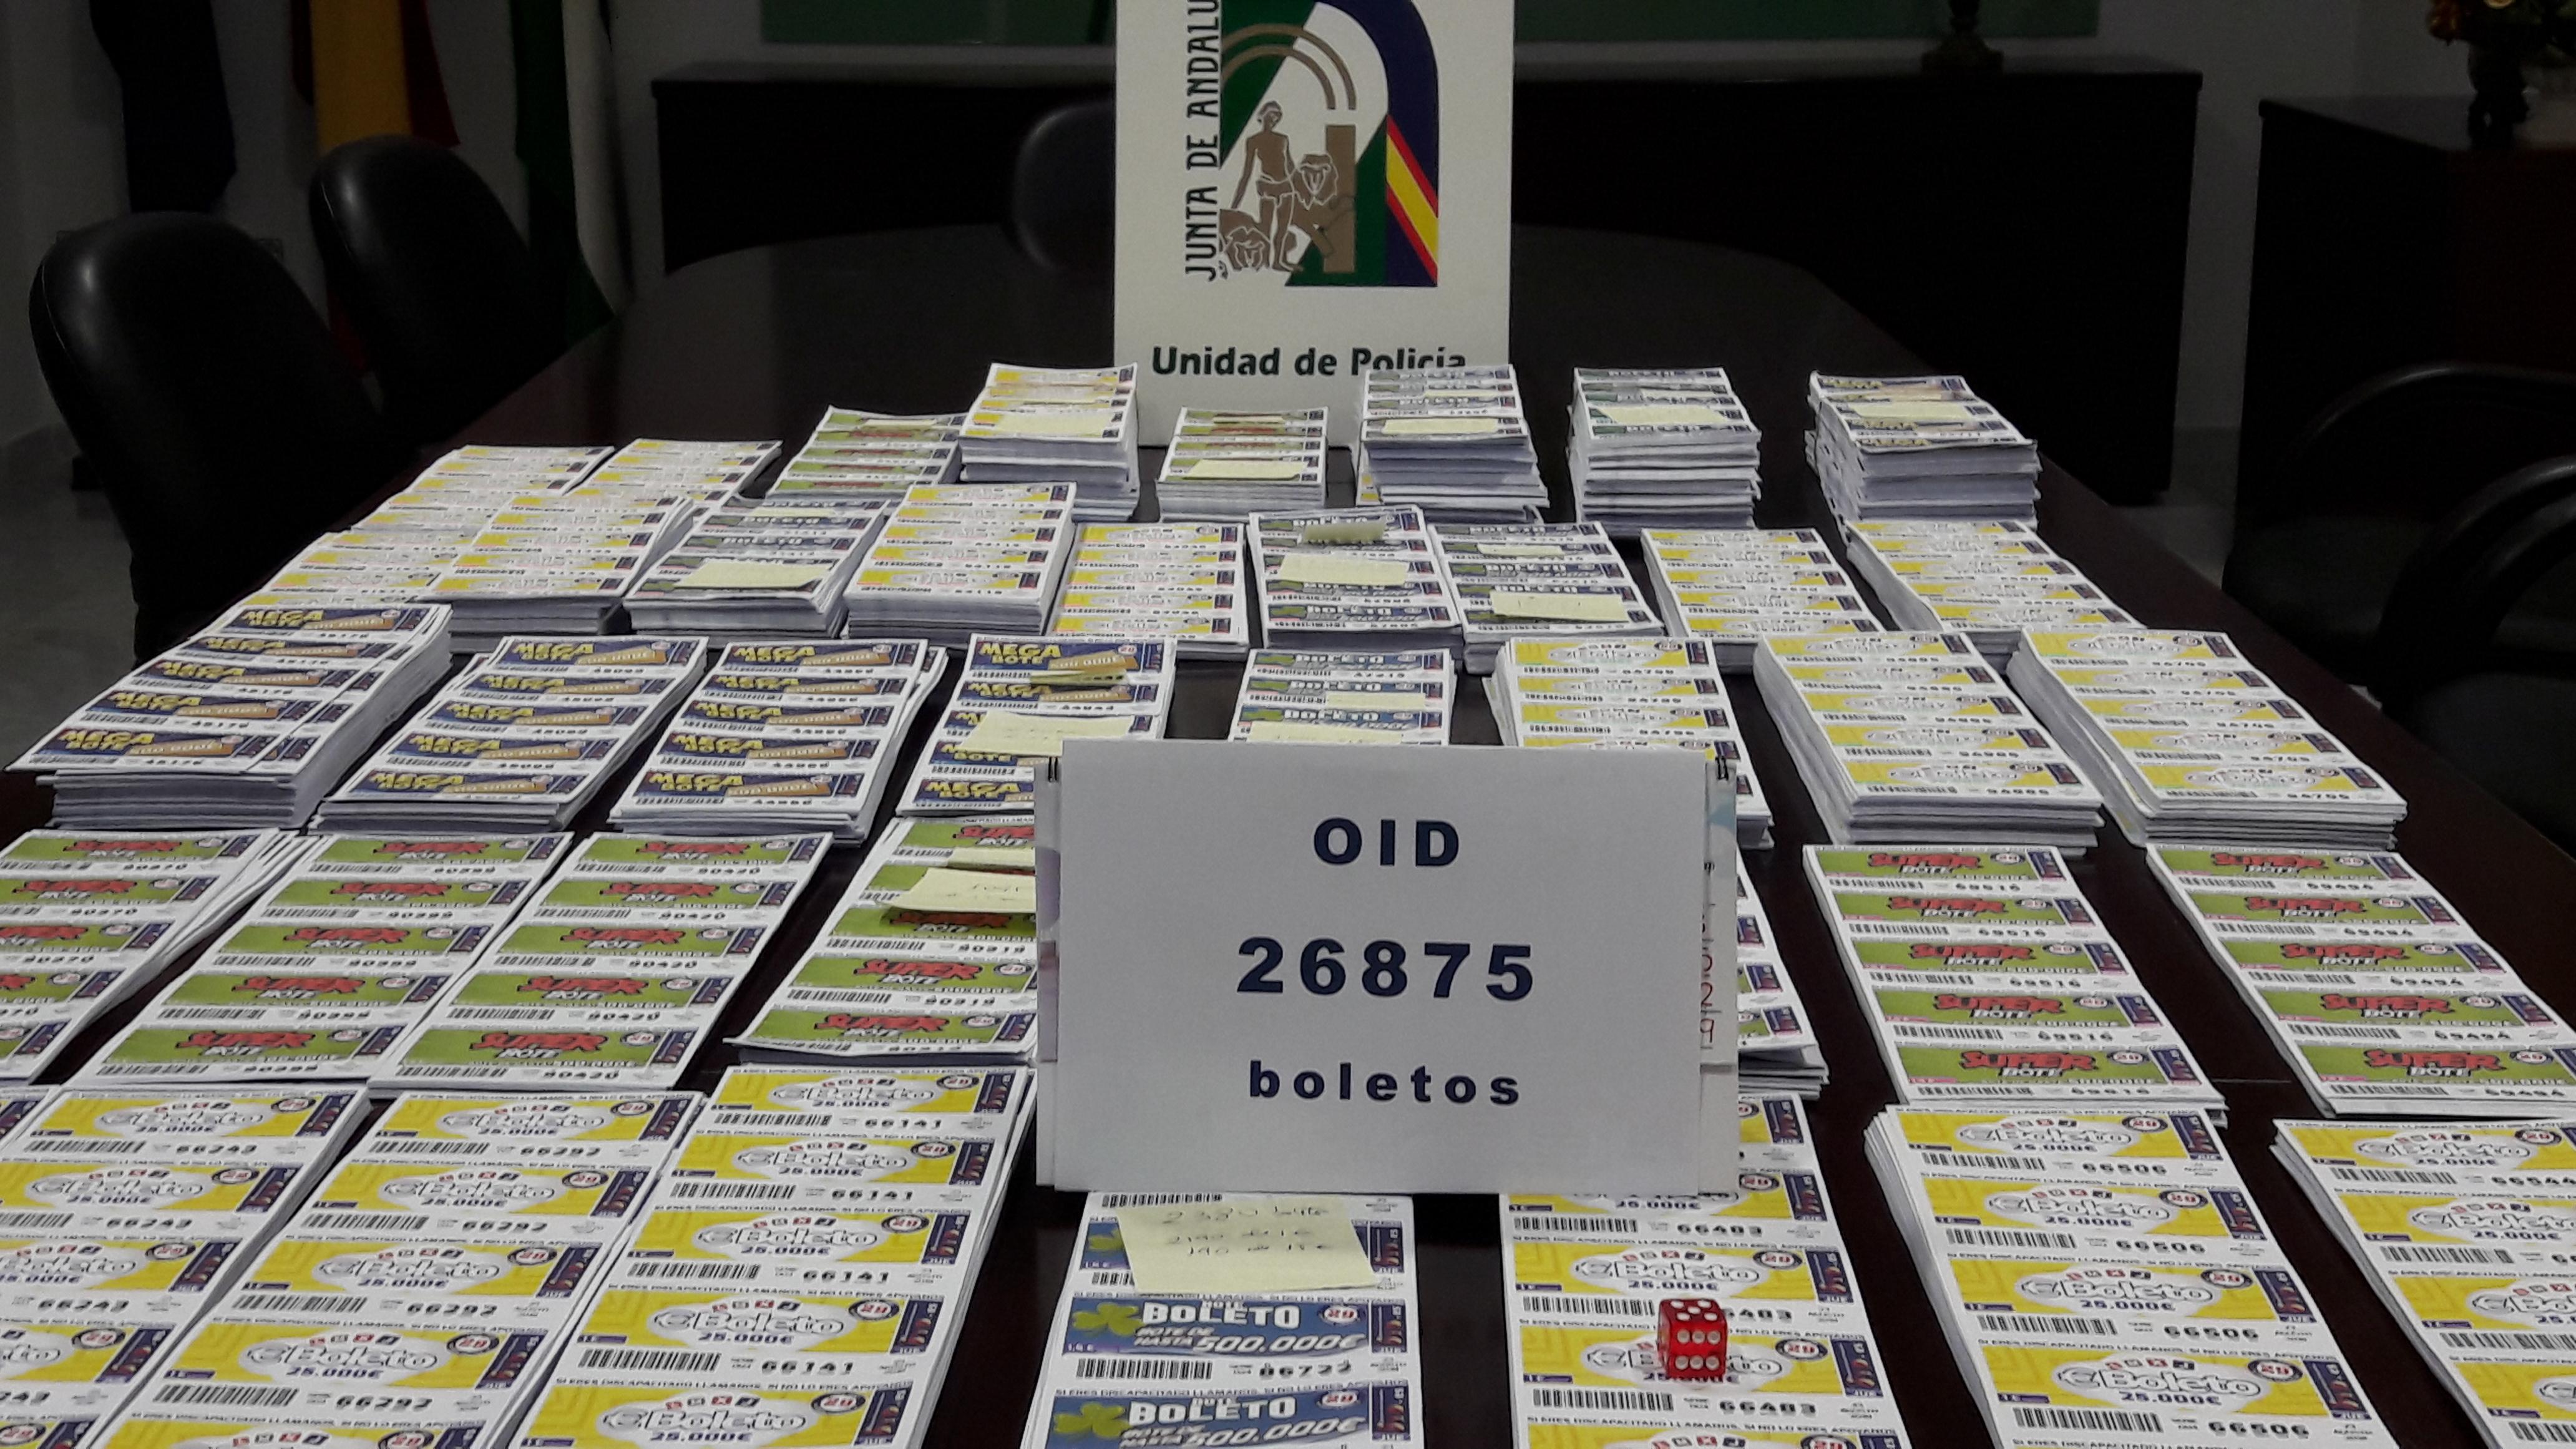 Decomiso de boletos ilegales en Cádiz